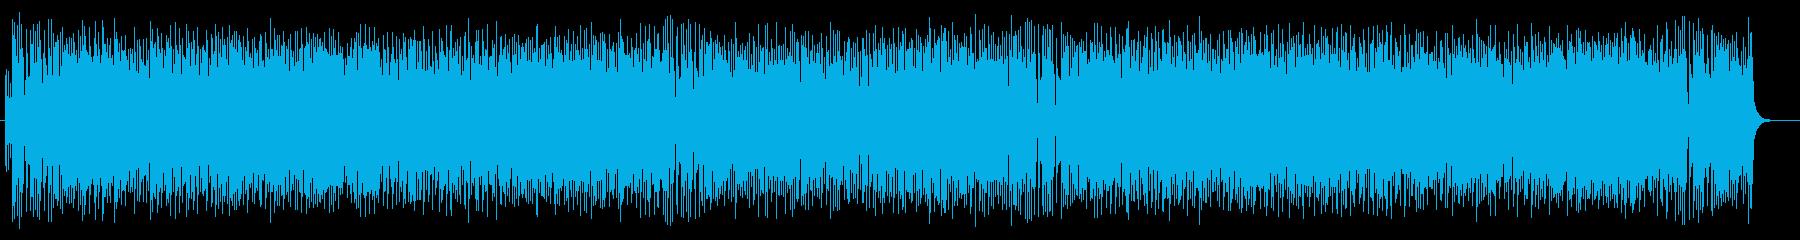 コミカルで和風の弦楽器シンセサウンドの再生済みの波形